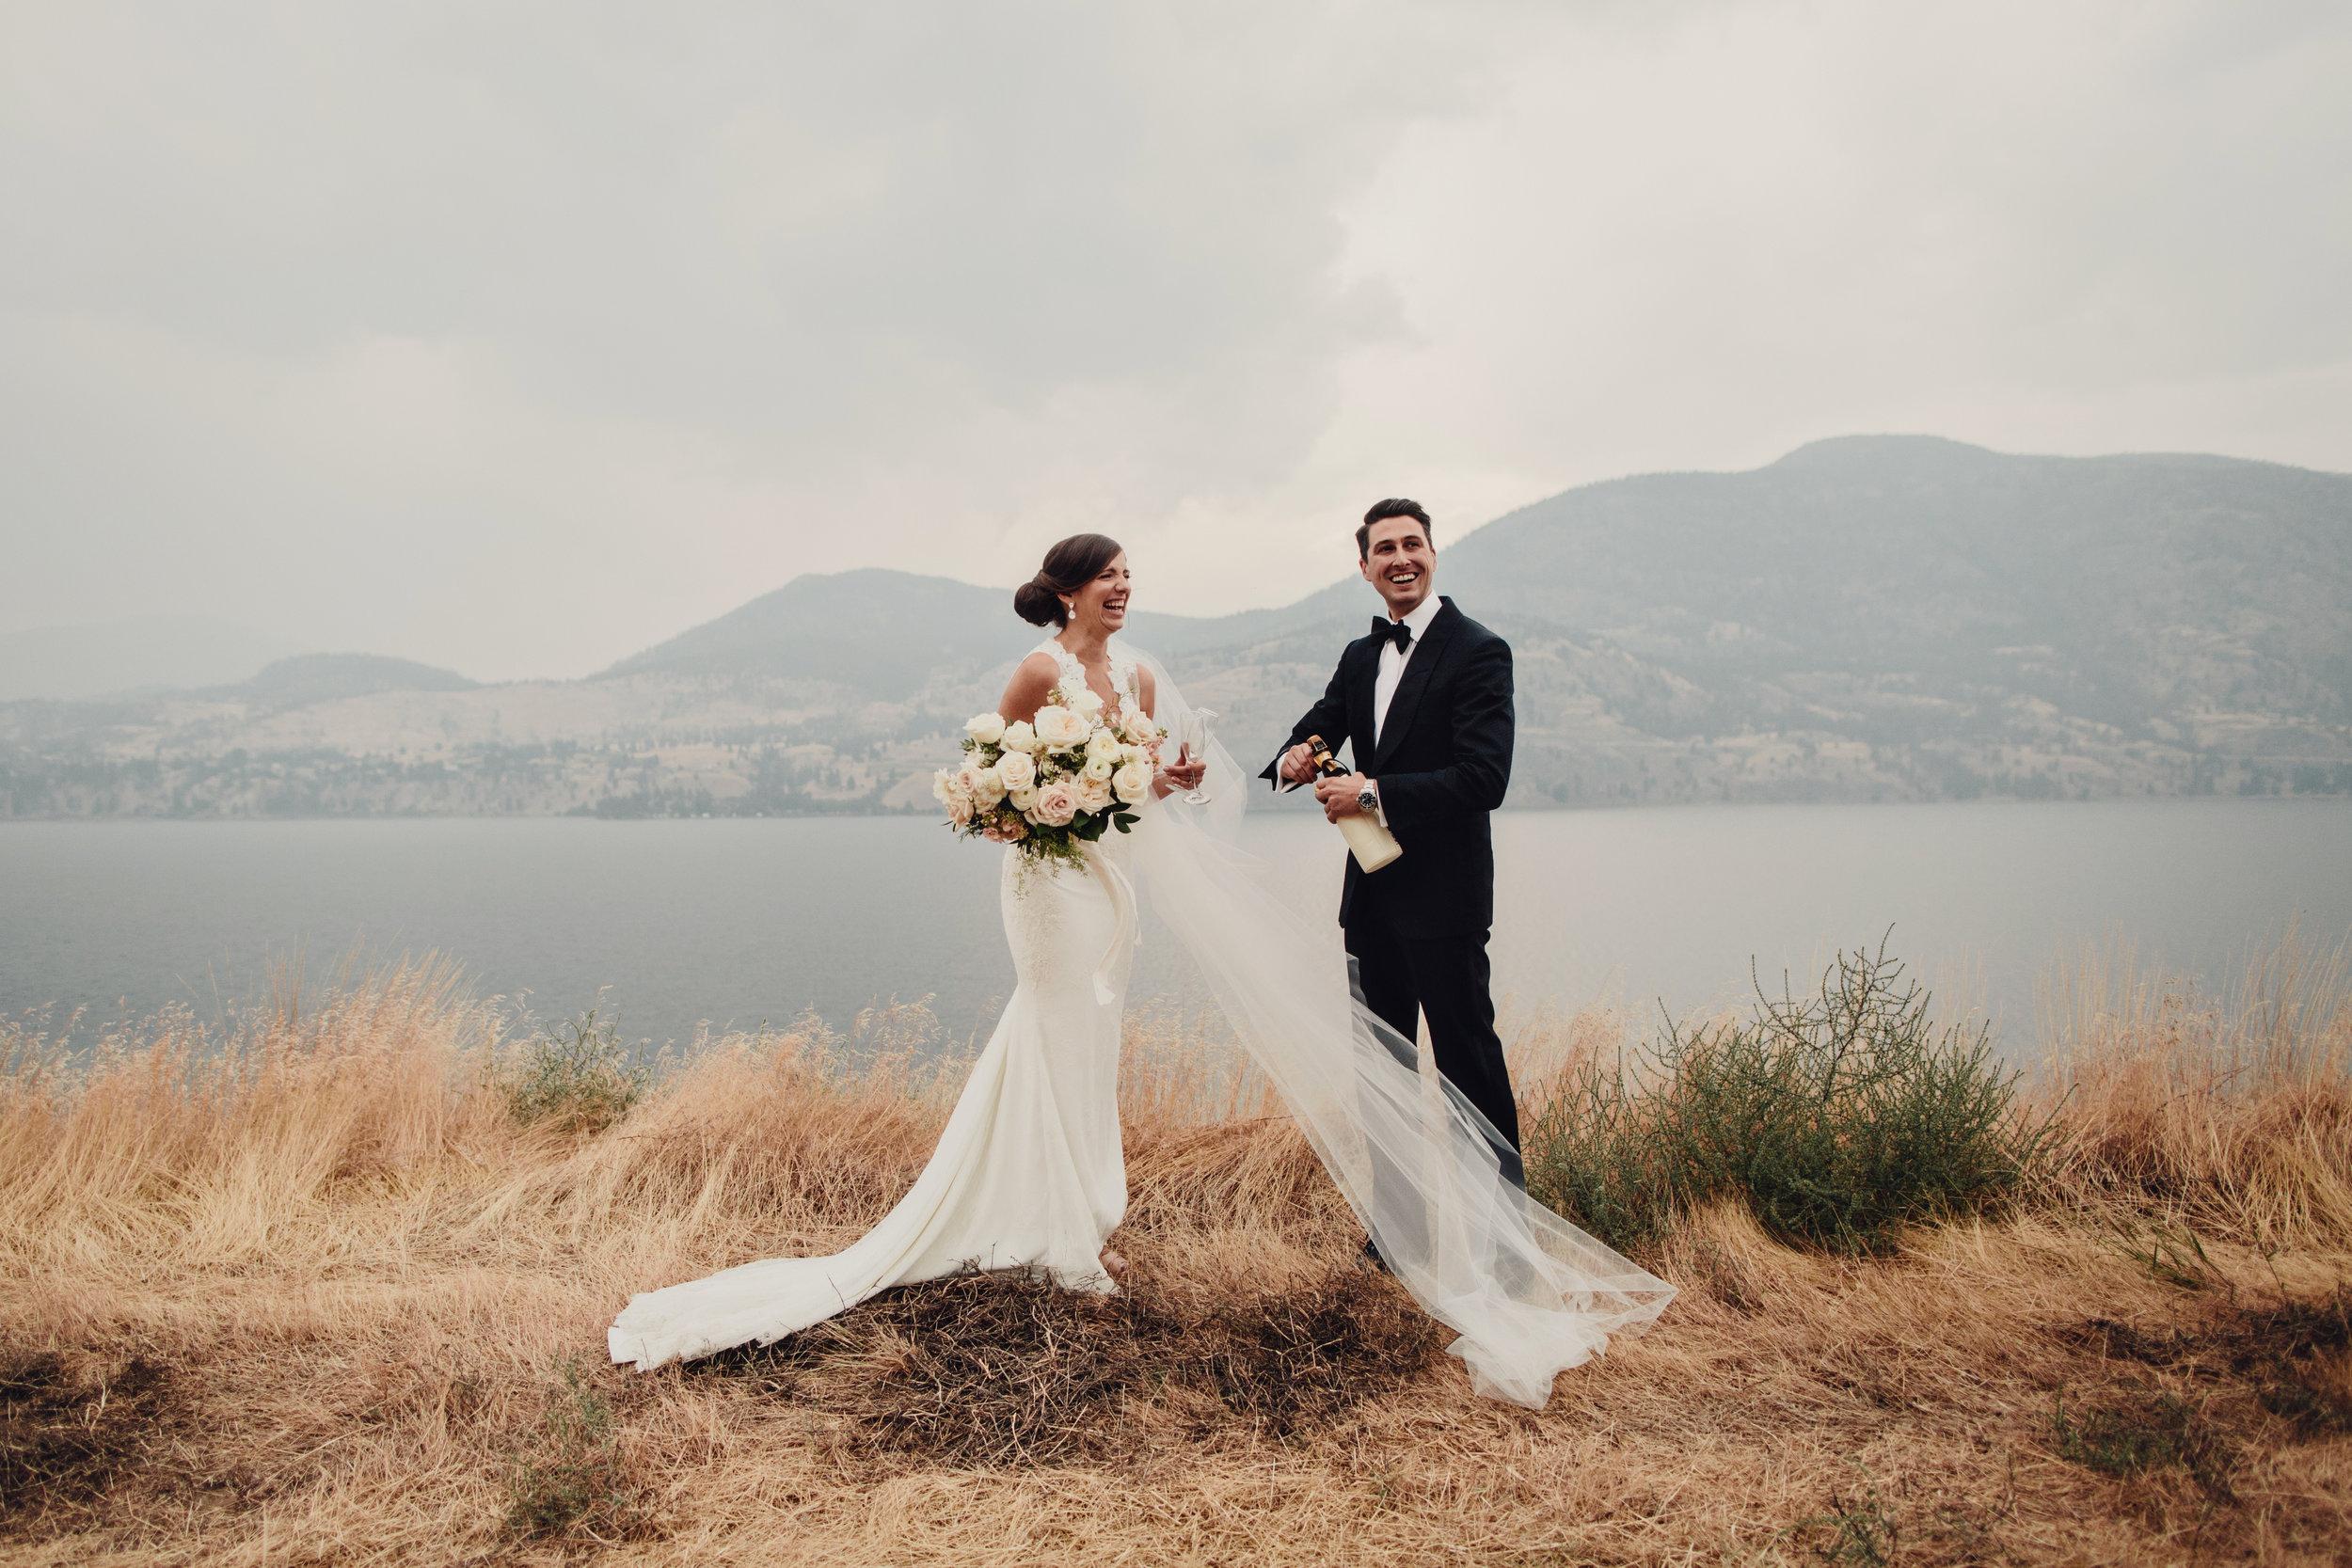 BN-wedding-0026.JPG